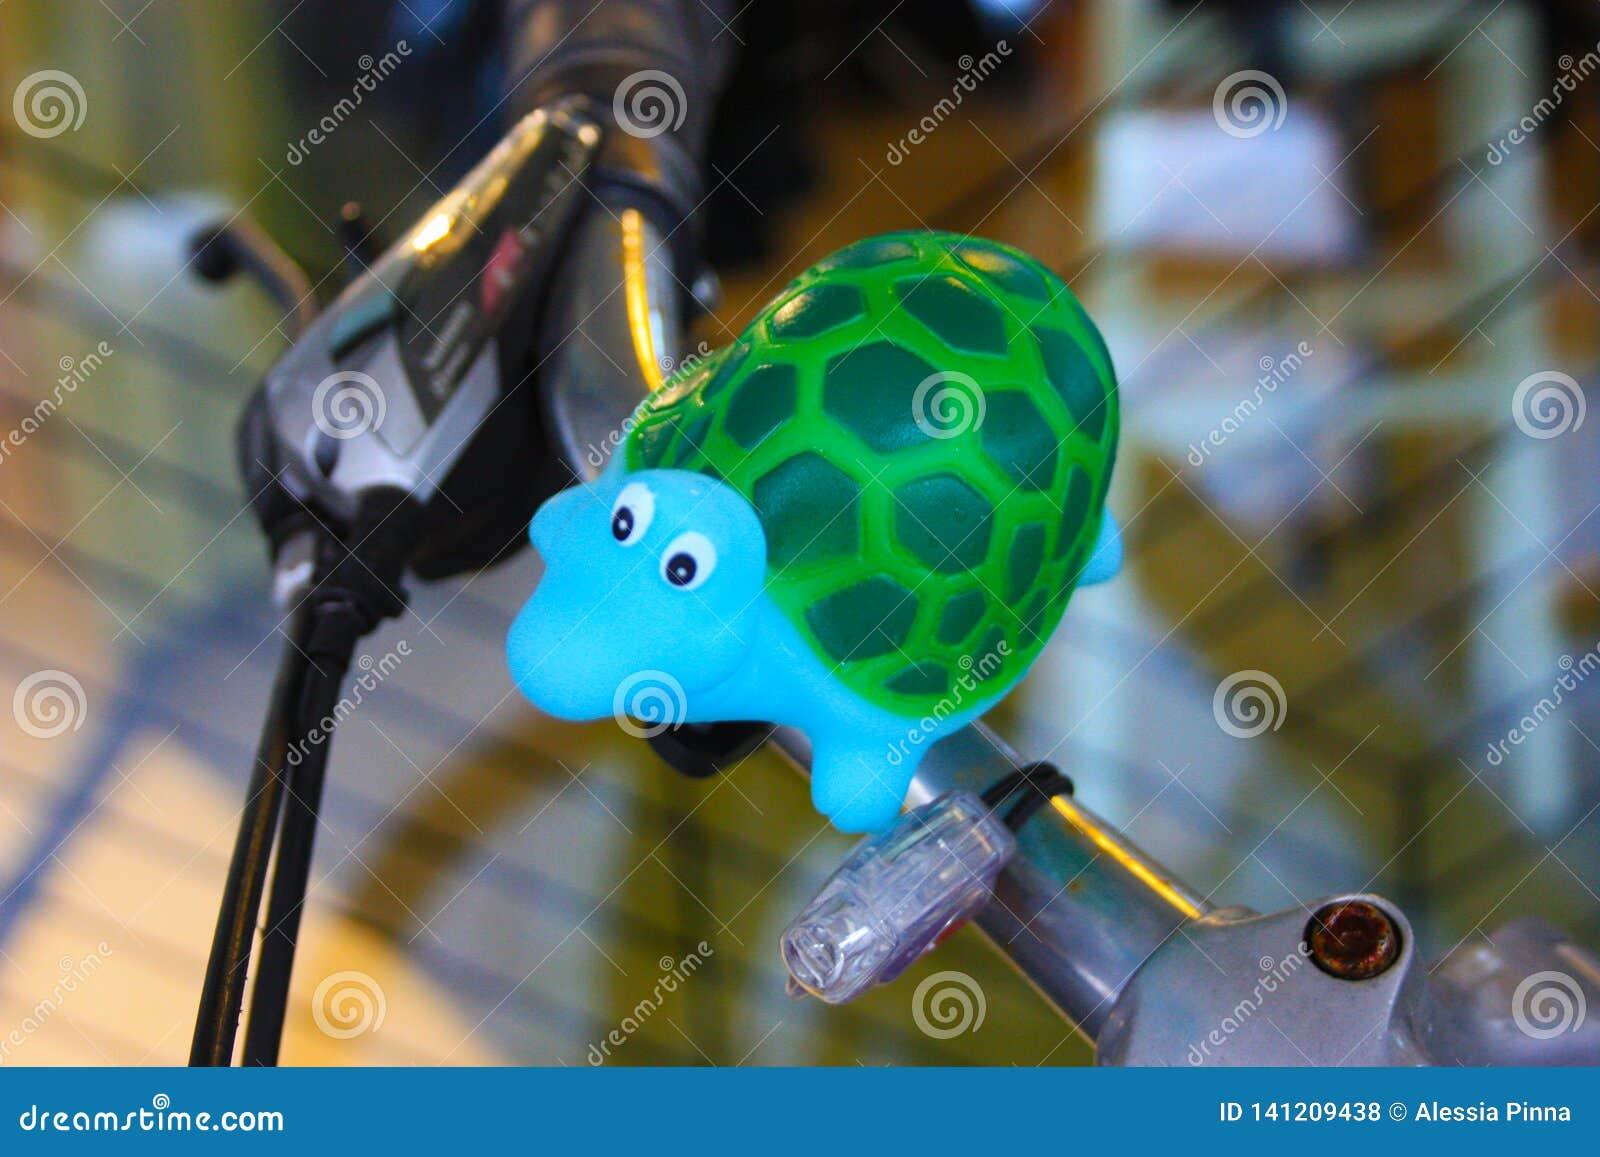 Poca tortuga es la decoración de una bici